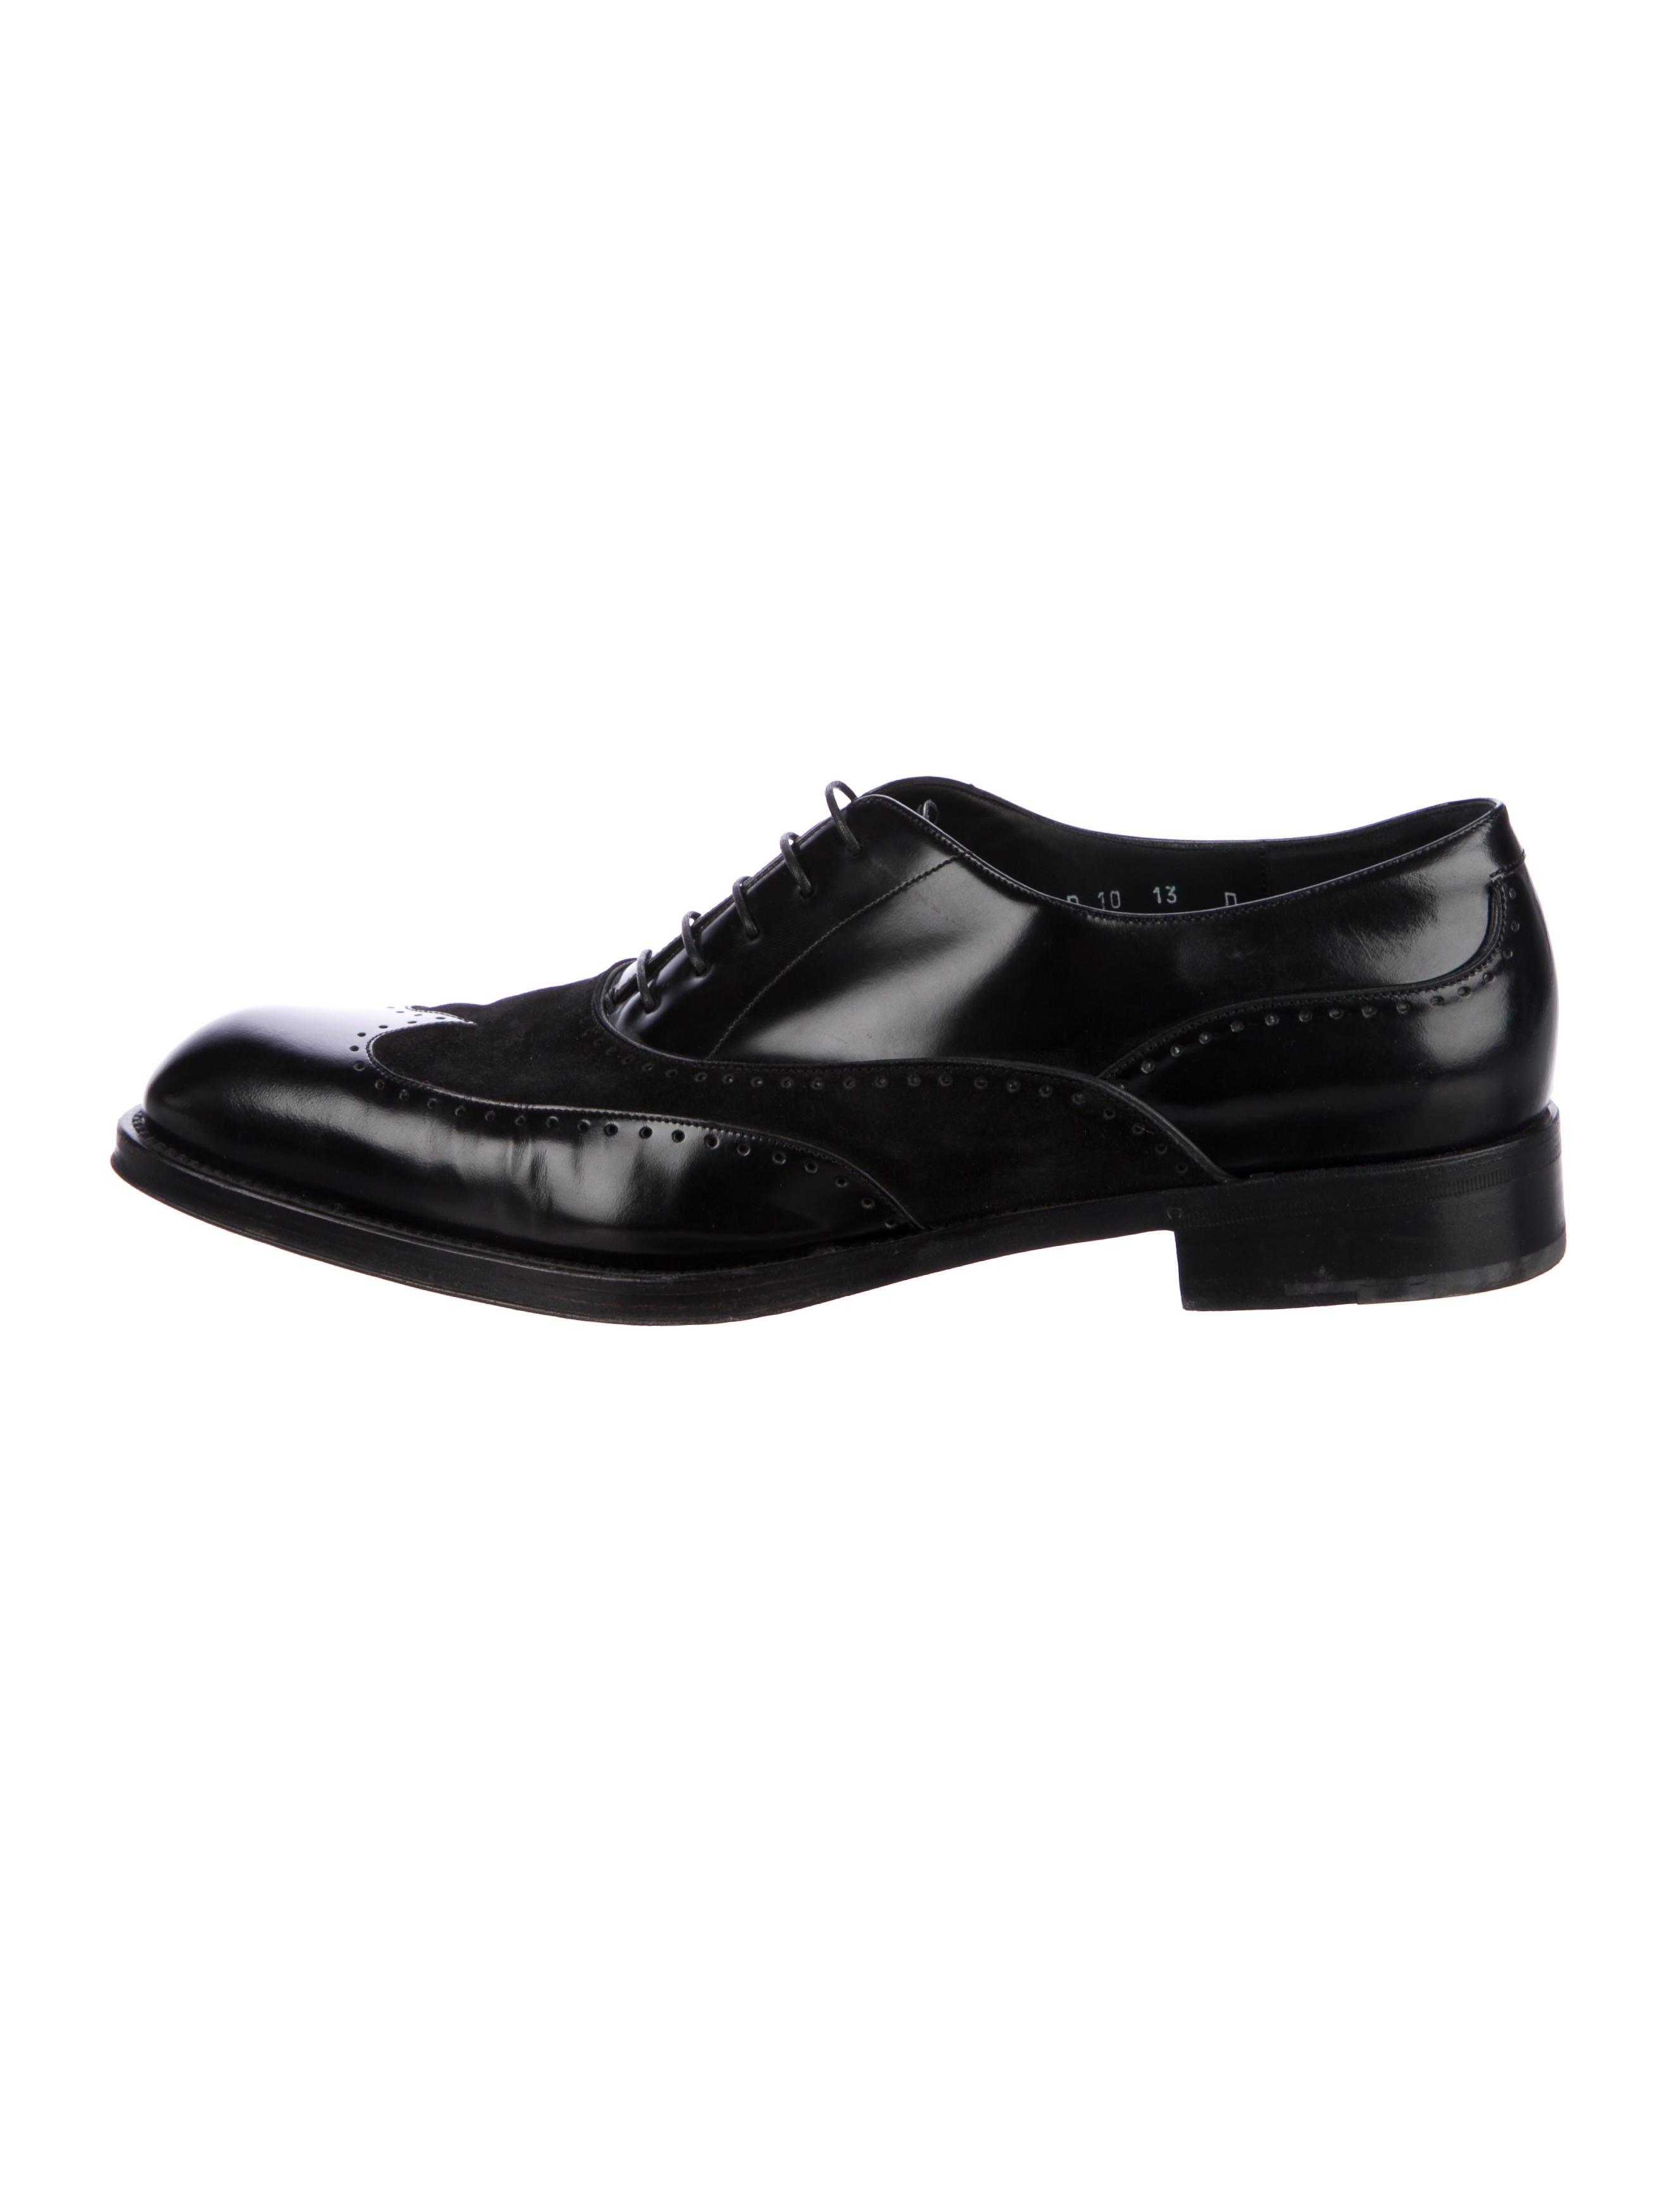 1dd7e174a4b2a Salvatore Ferragamo Wingtip Spectator Oxfords - Shoes - SAL56471 ...